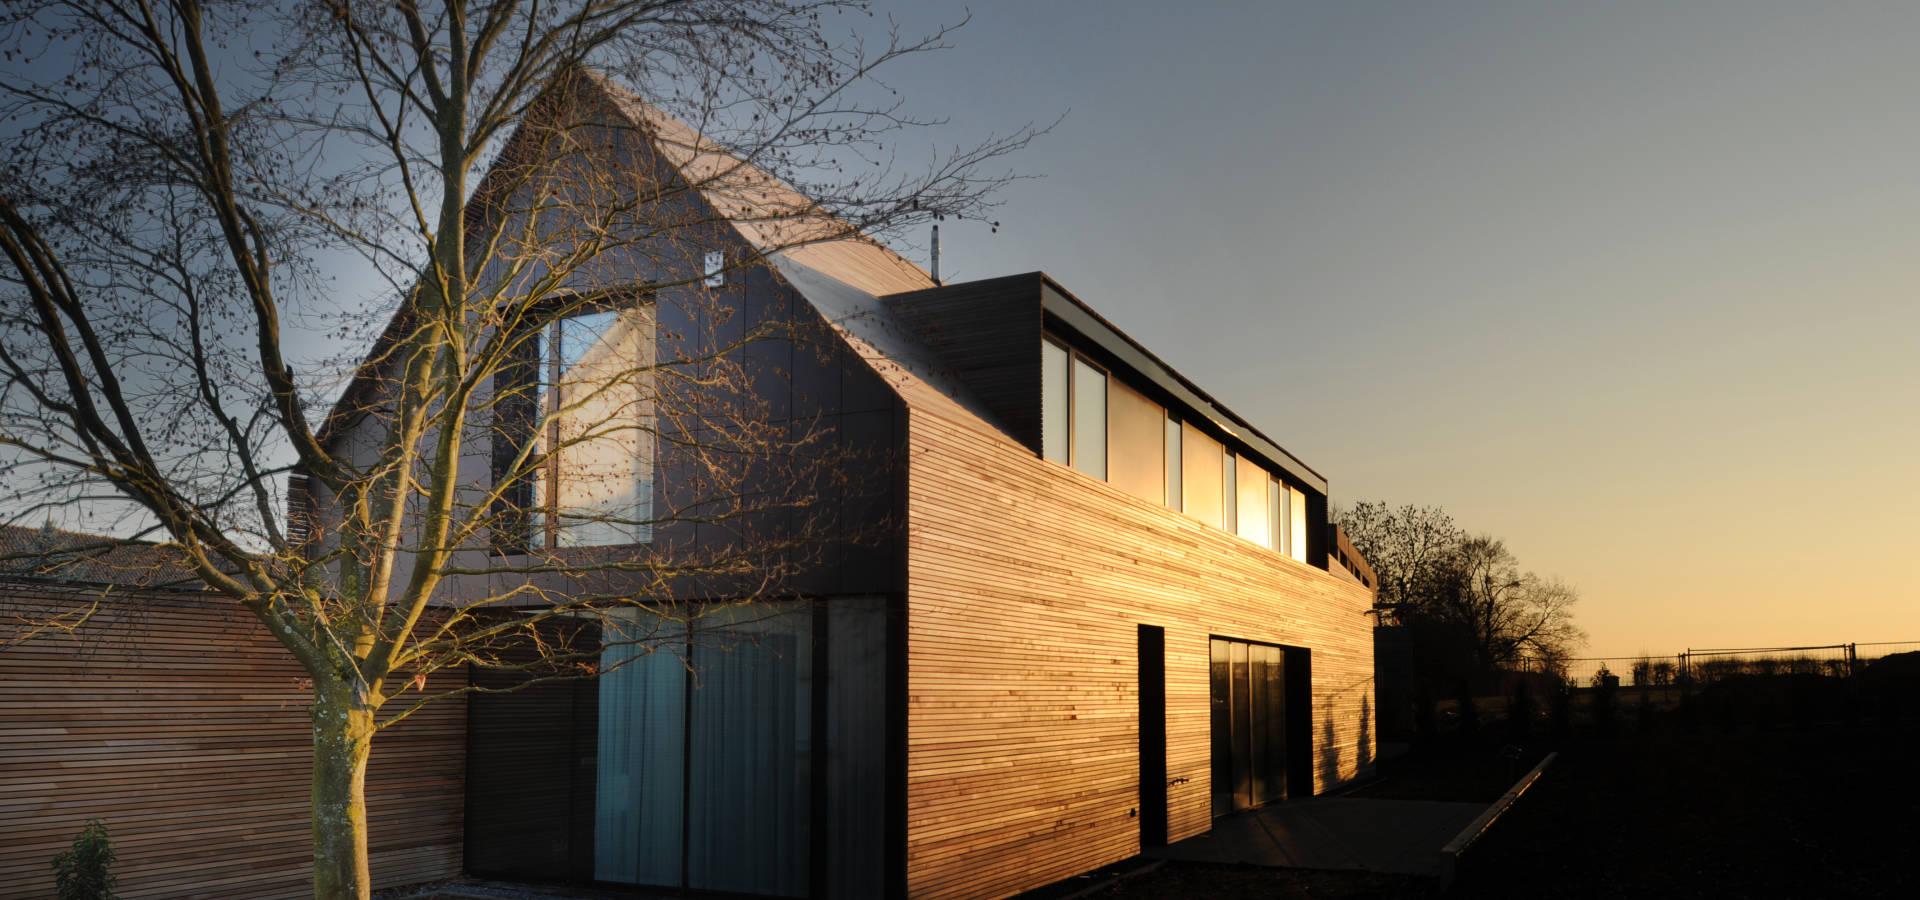 Двухскатная крыша с островерхими формами